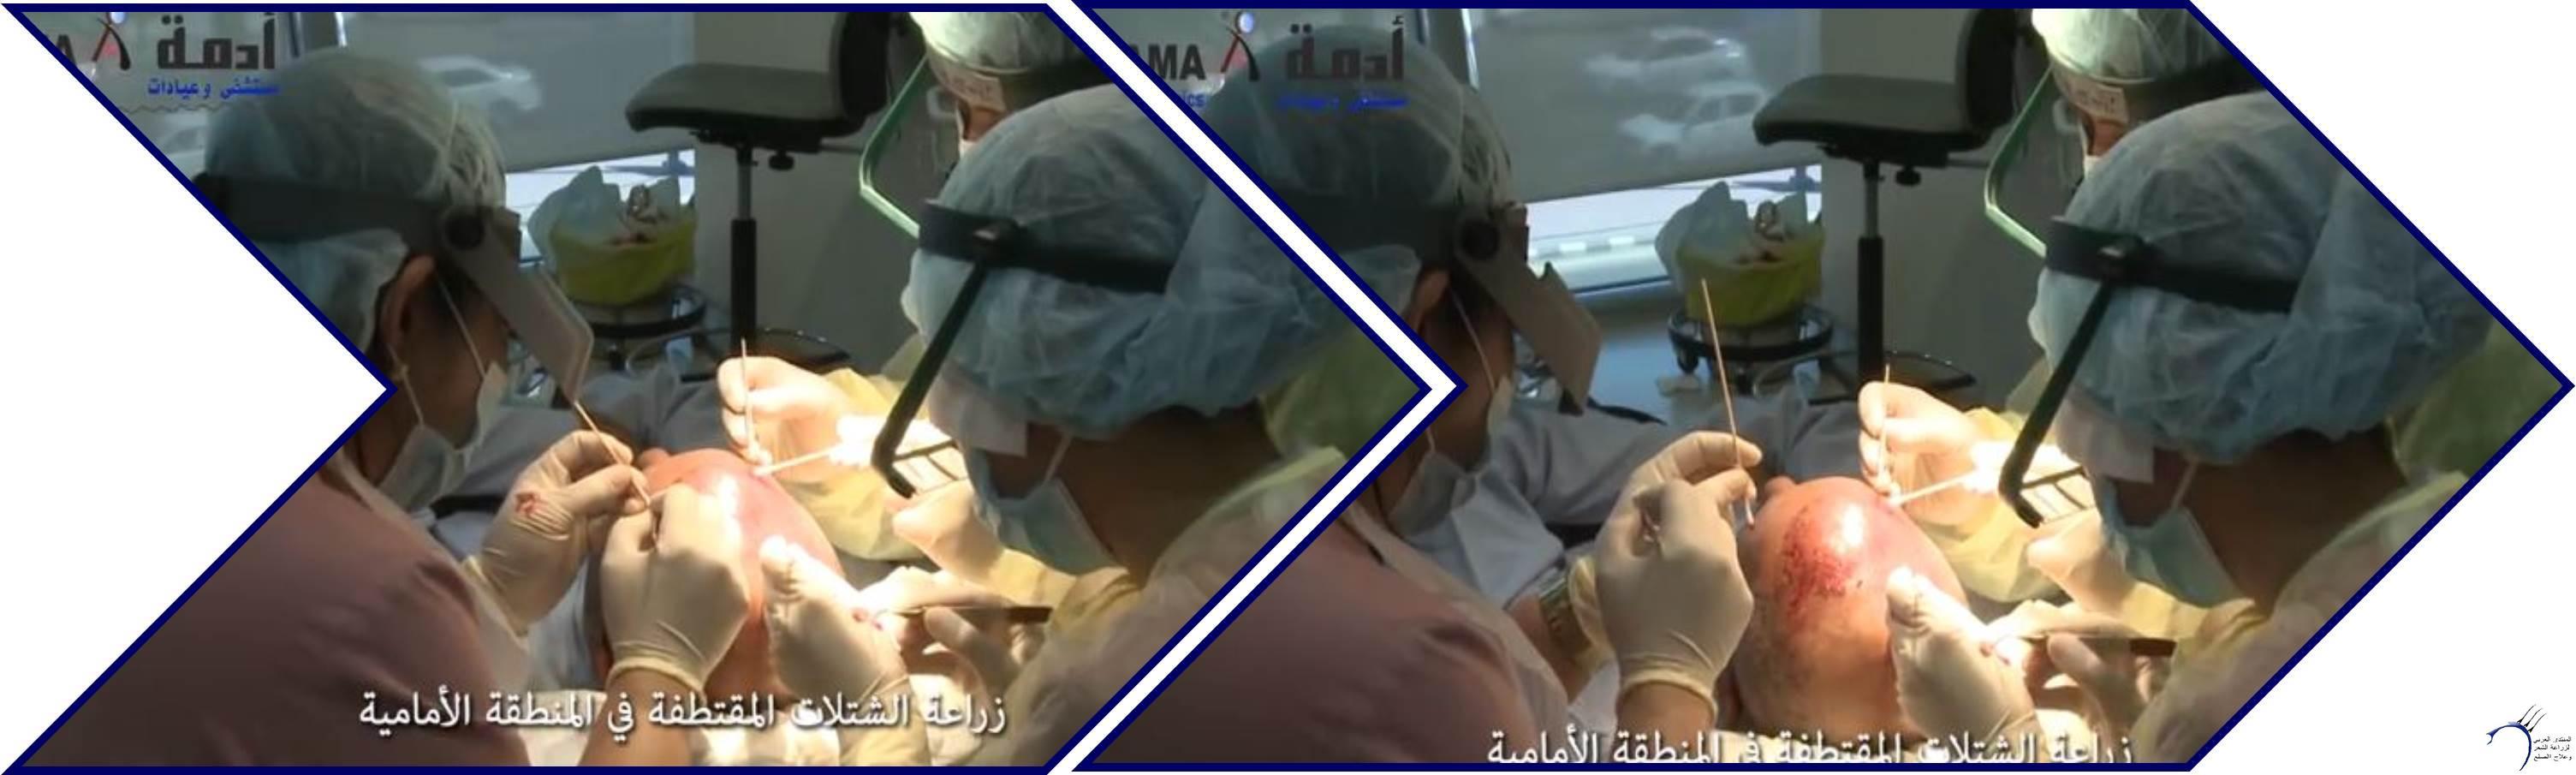 مشاكل الصلع وزراعة الشعر للدكتور www.hairarab.comf0bd